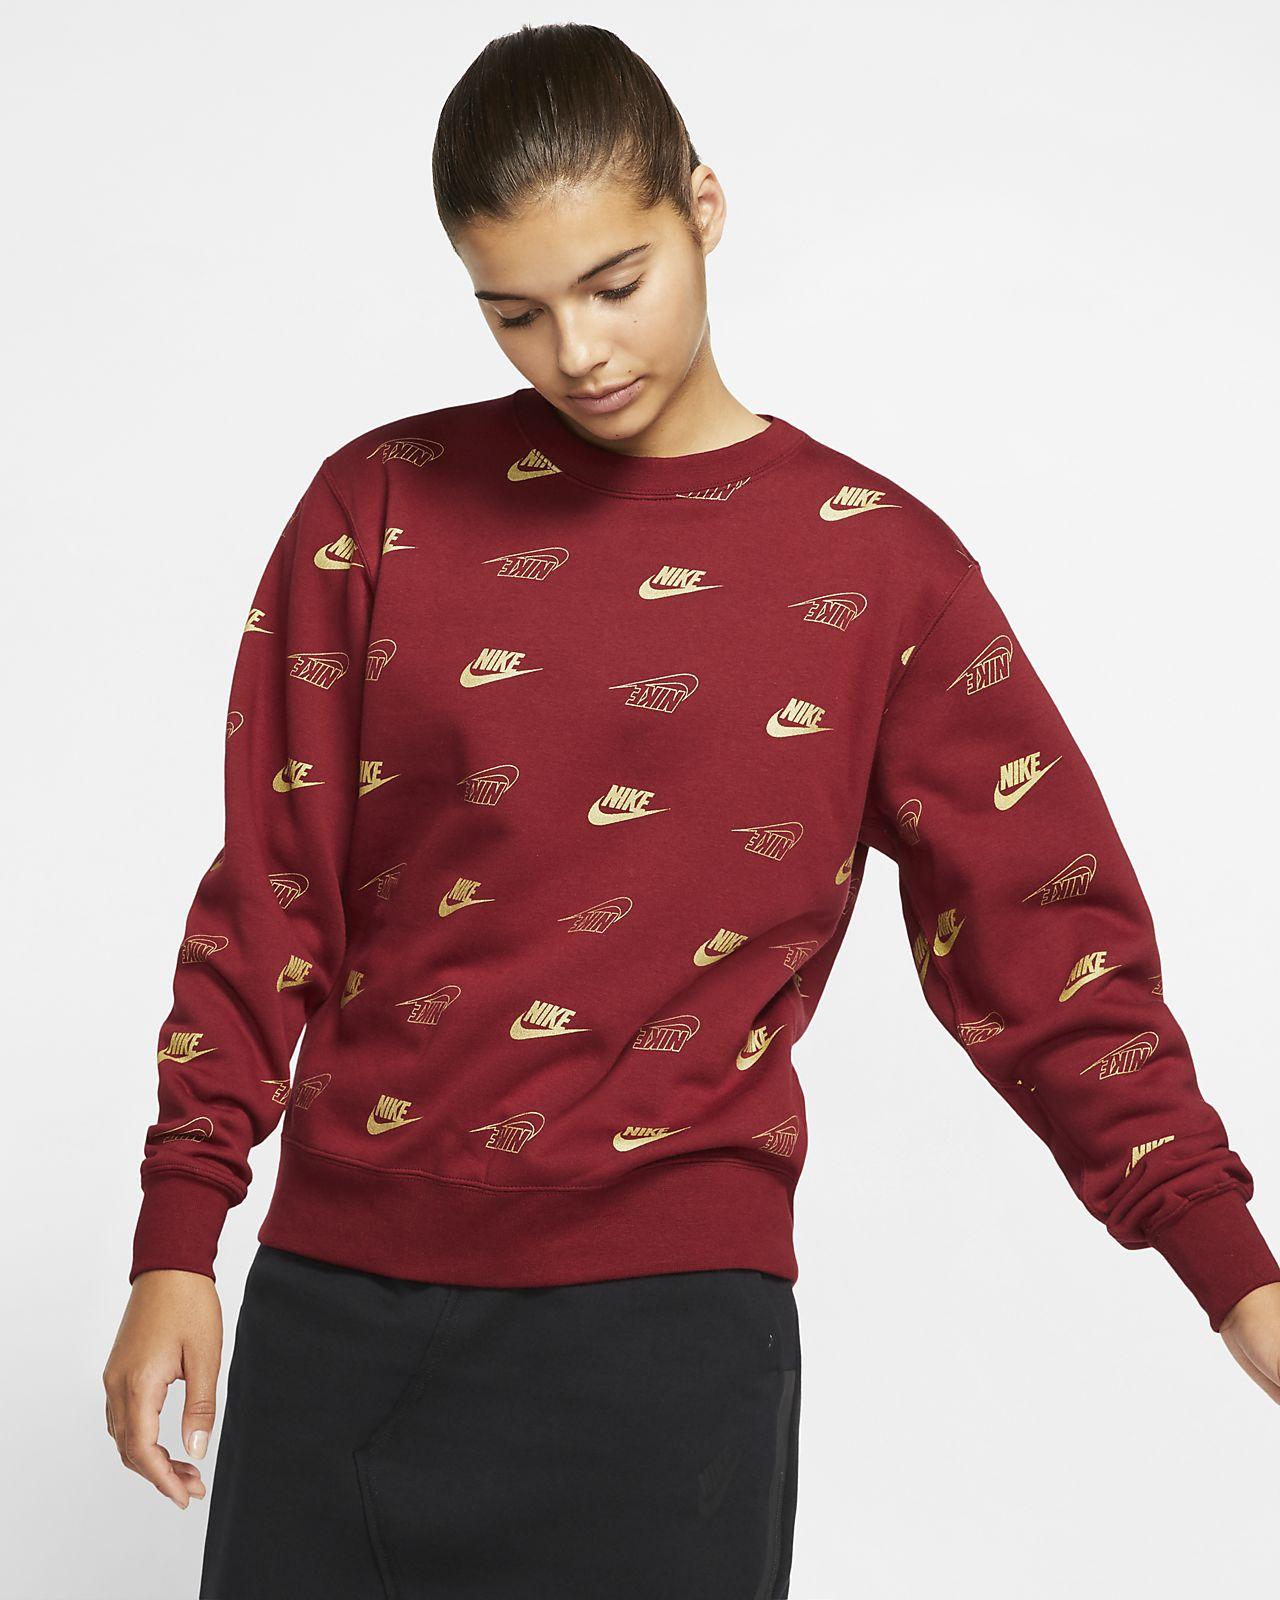 Tröja Nike Sportswear med rundad hals för kvinnor